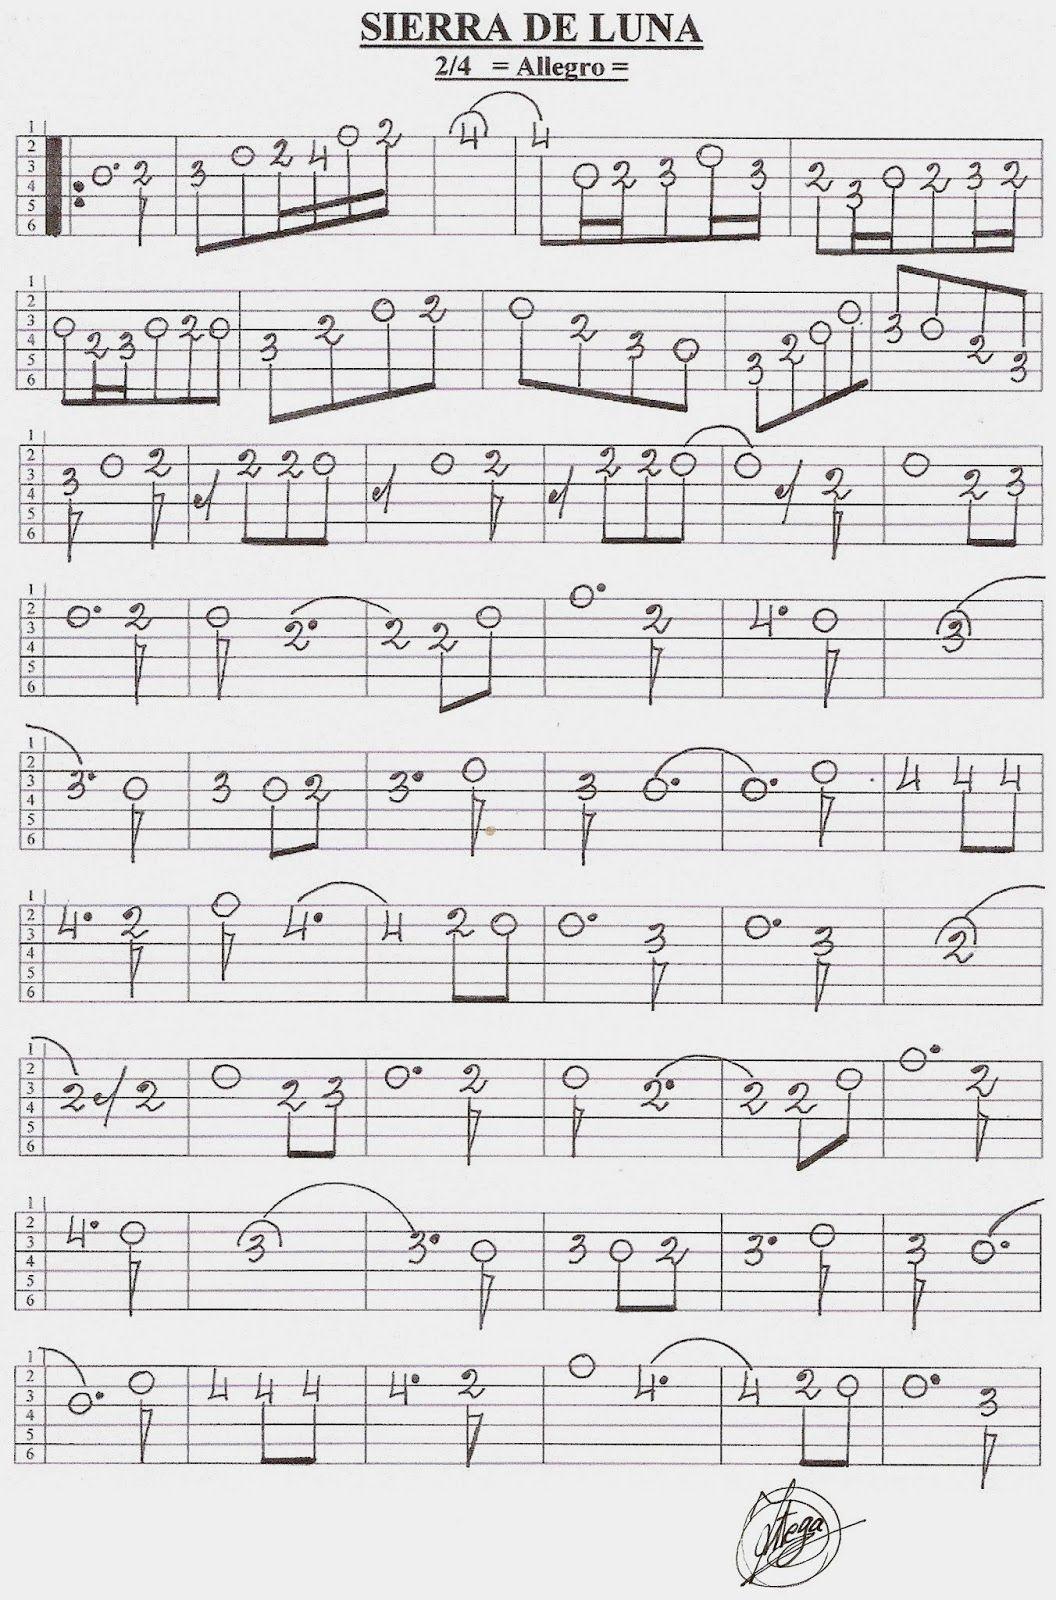 Partituras En Cifra Para Bandurria Y Laúd De José Ortega Laserna Enero 2014 Partituras Hojas De Música Guitarra Partituras